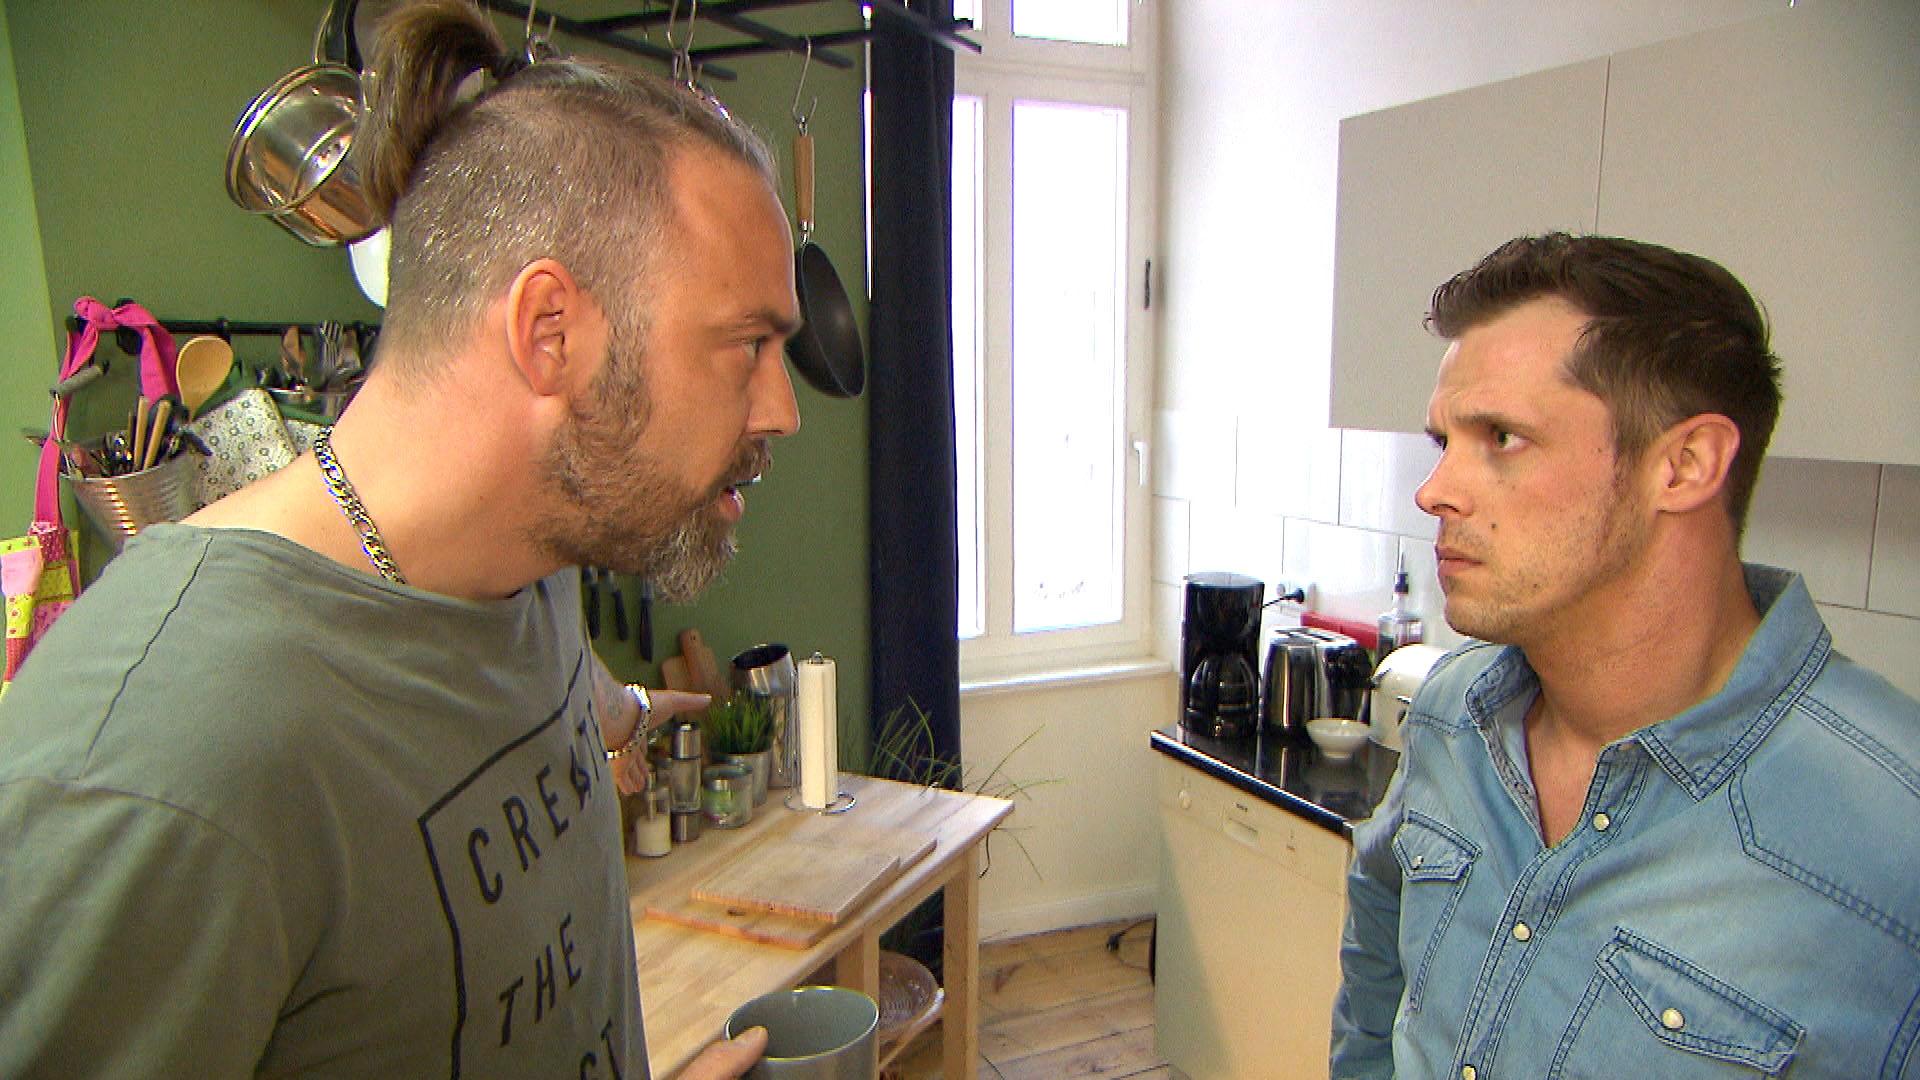 Als Basti,re. erfährt, dass (Paula) bereits mit Theo,li. über ihre Pleite geredet hat, aber nicht mit ihm, ist er tief getroffen. (Quelle: RTL 2)